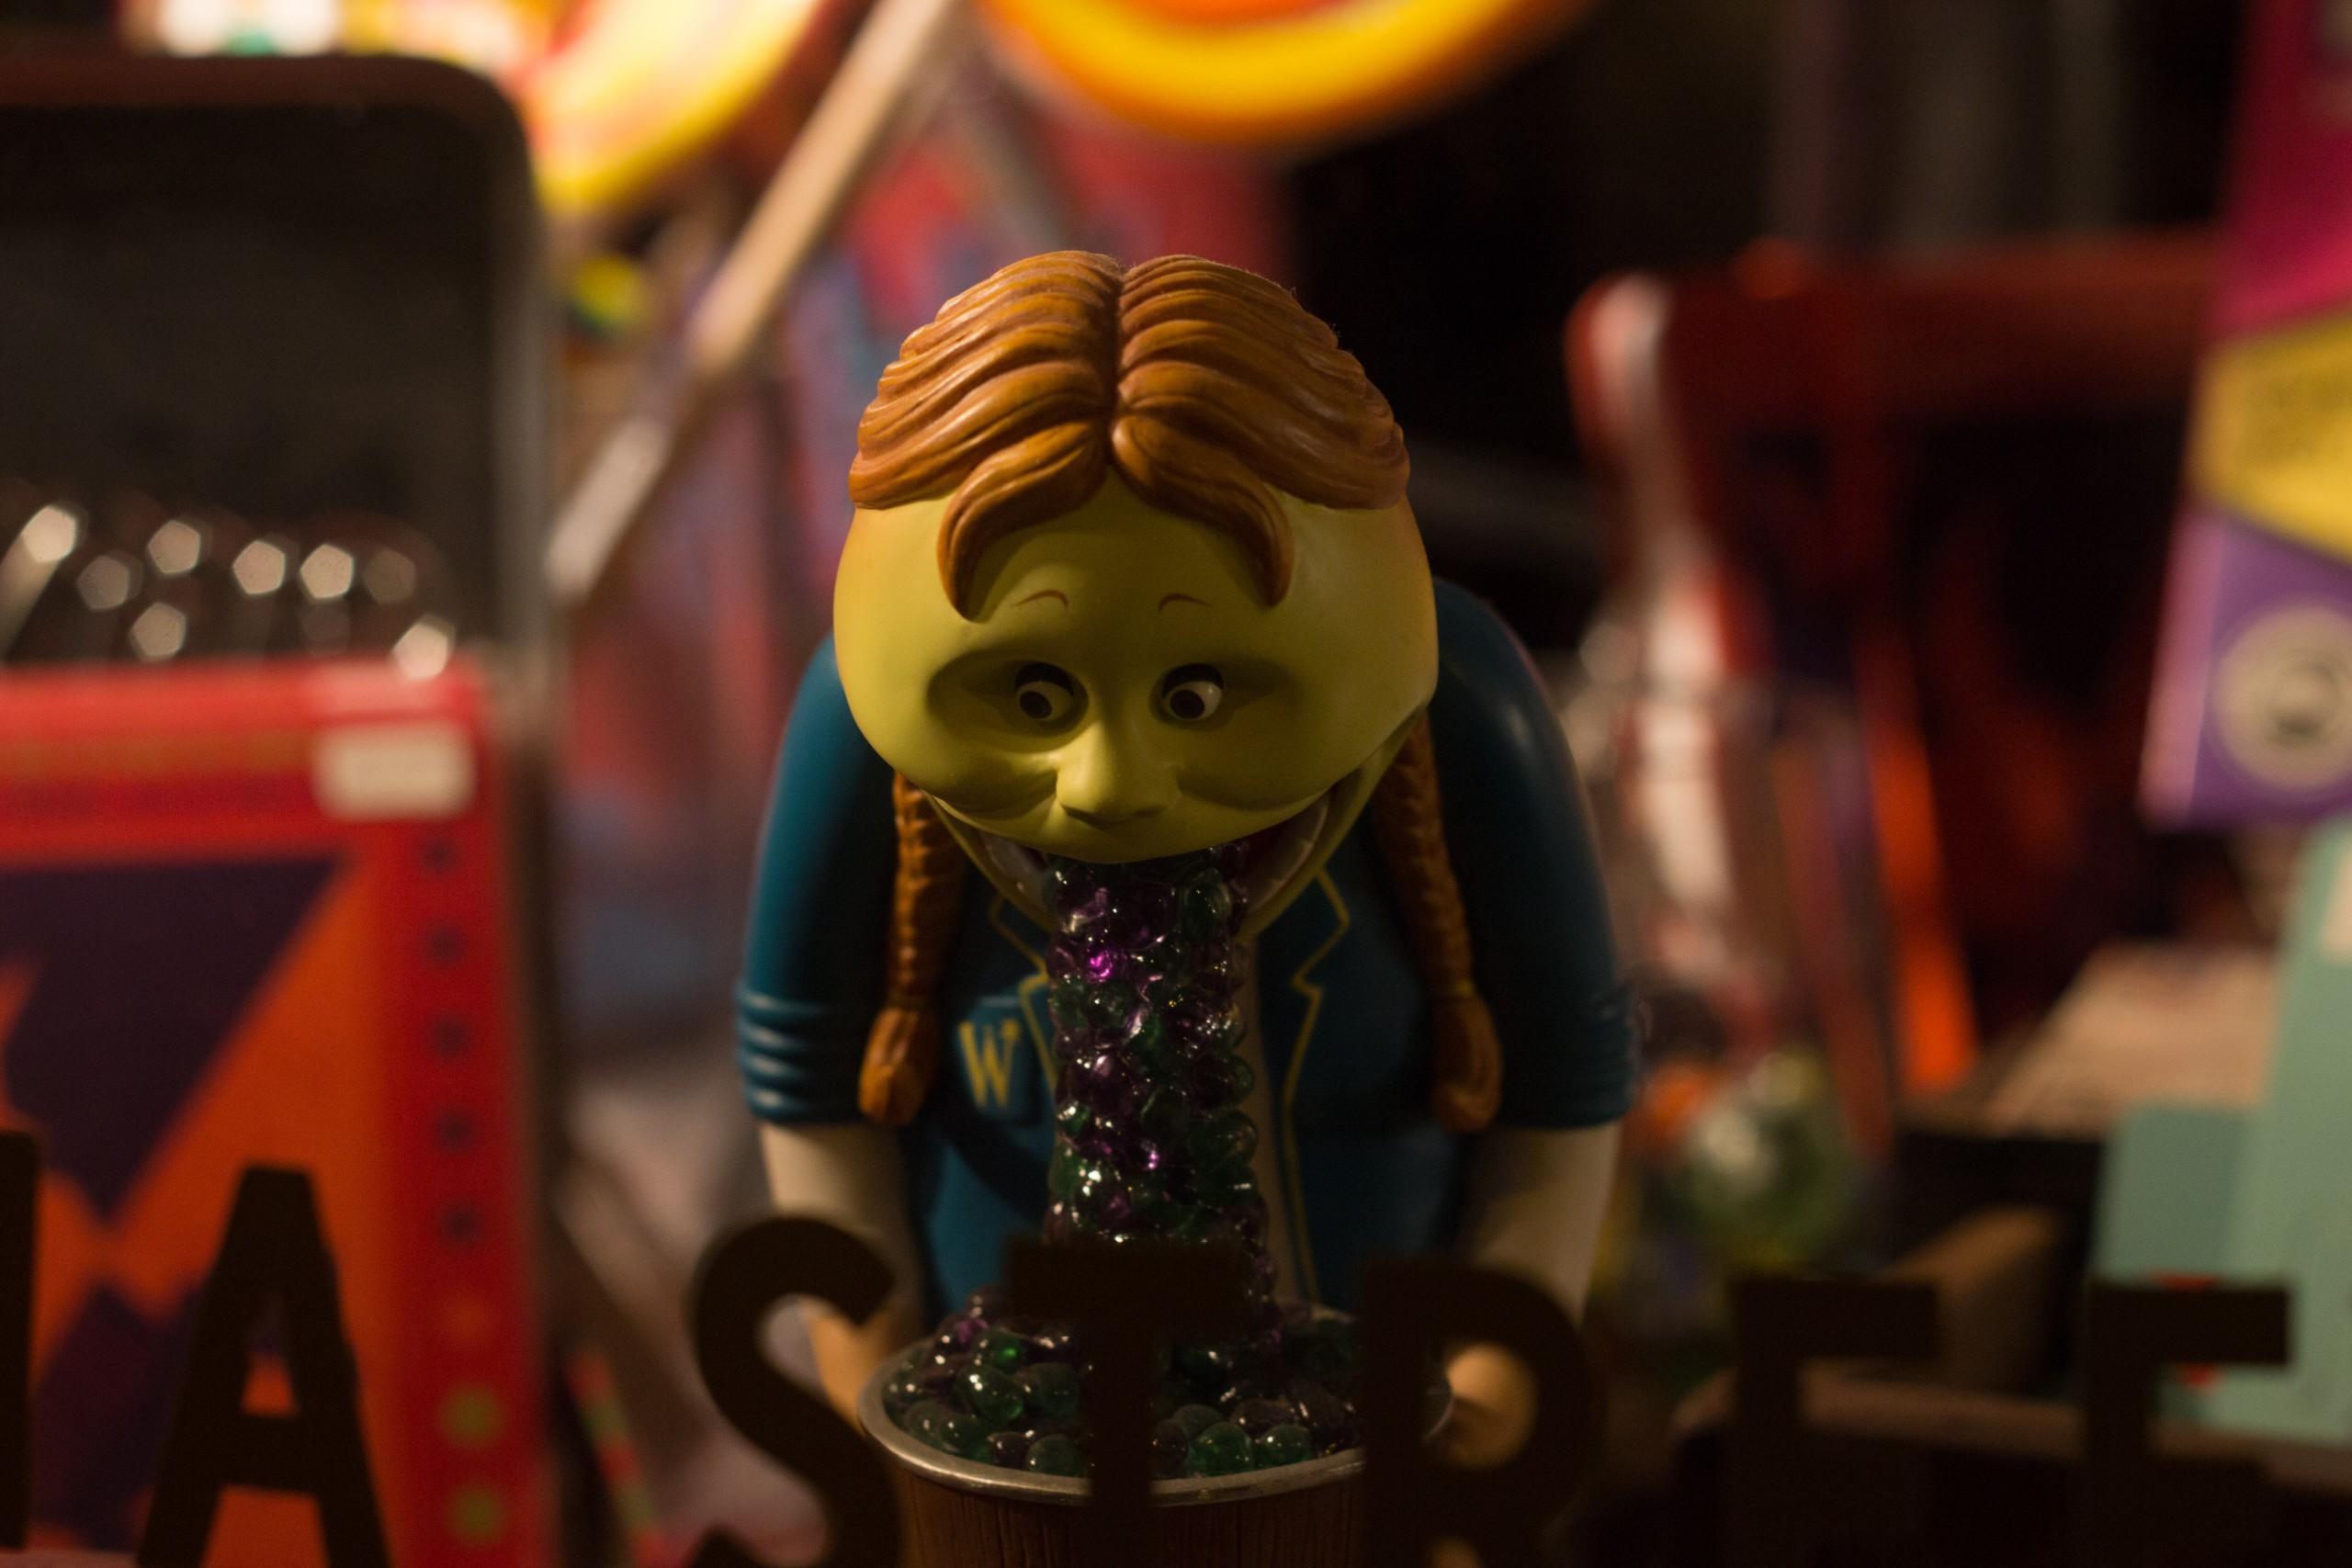 Toy vomiting gems